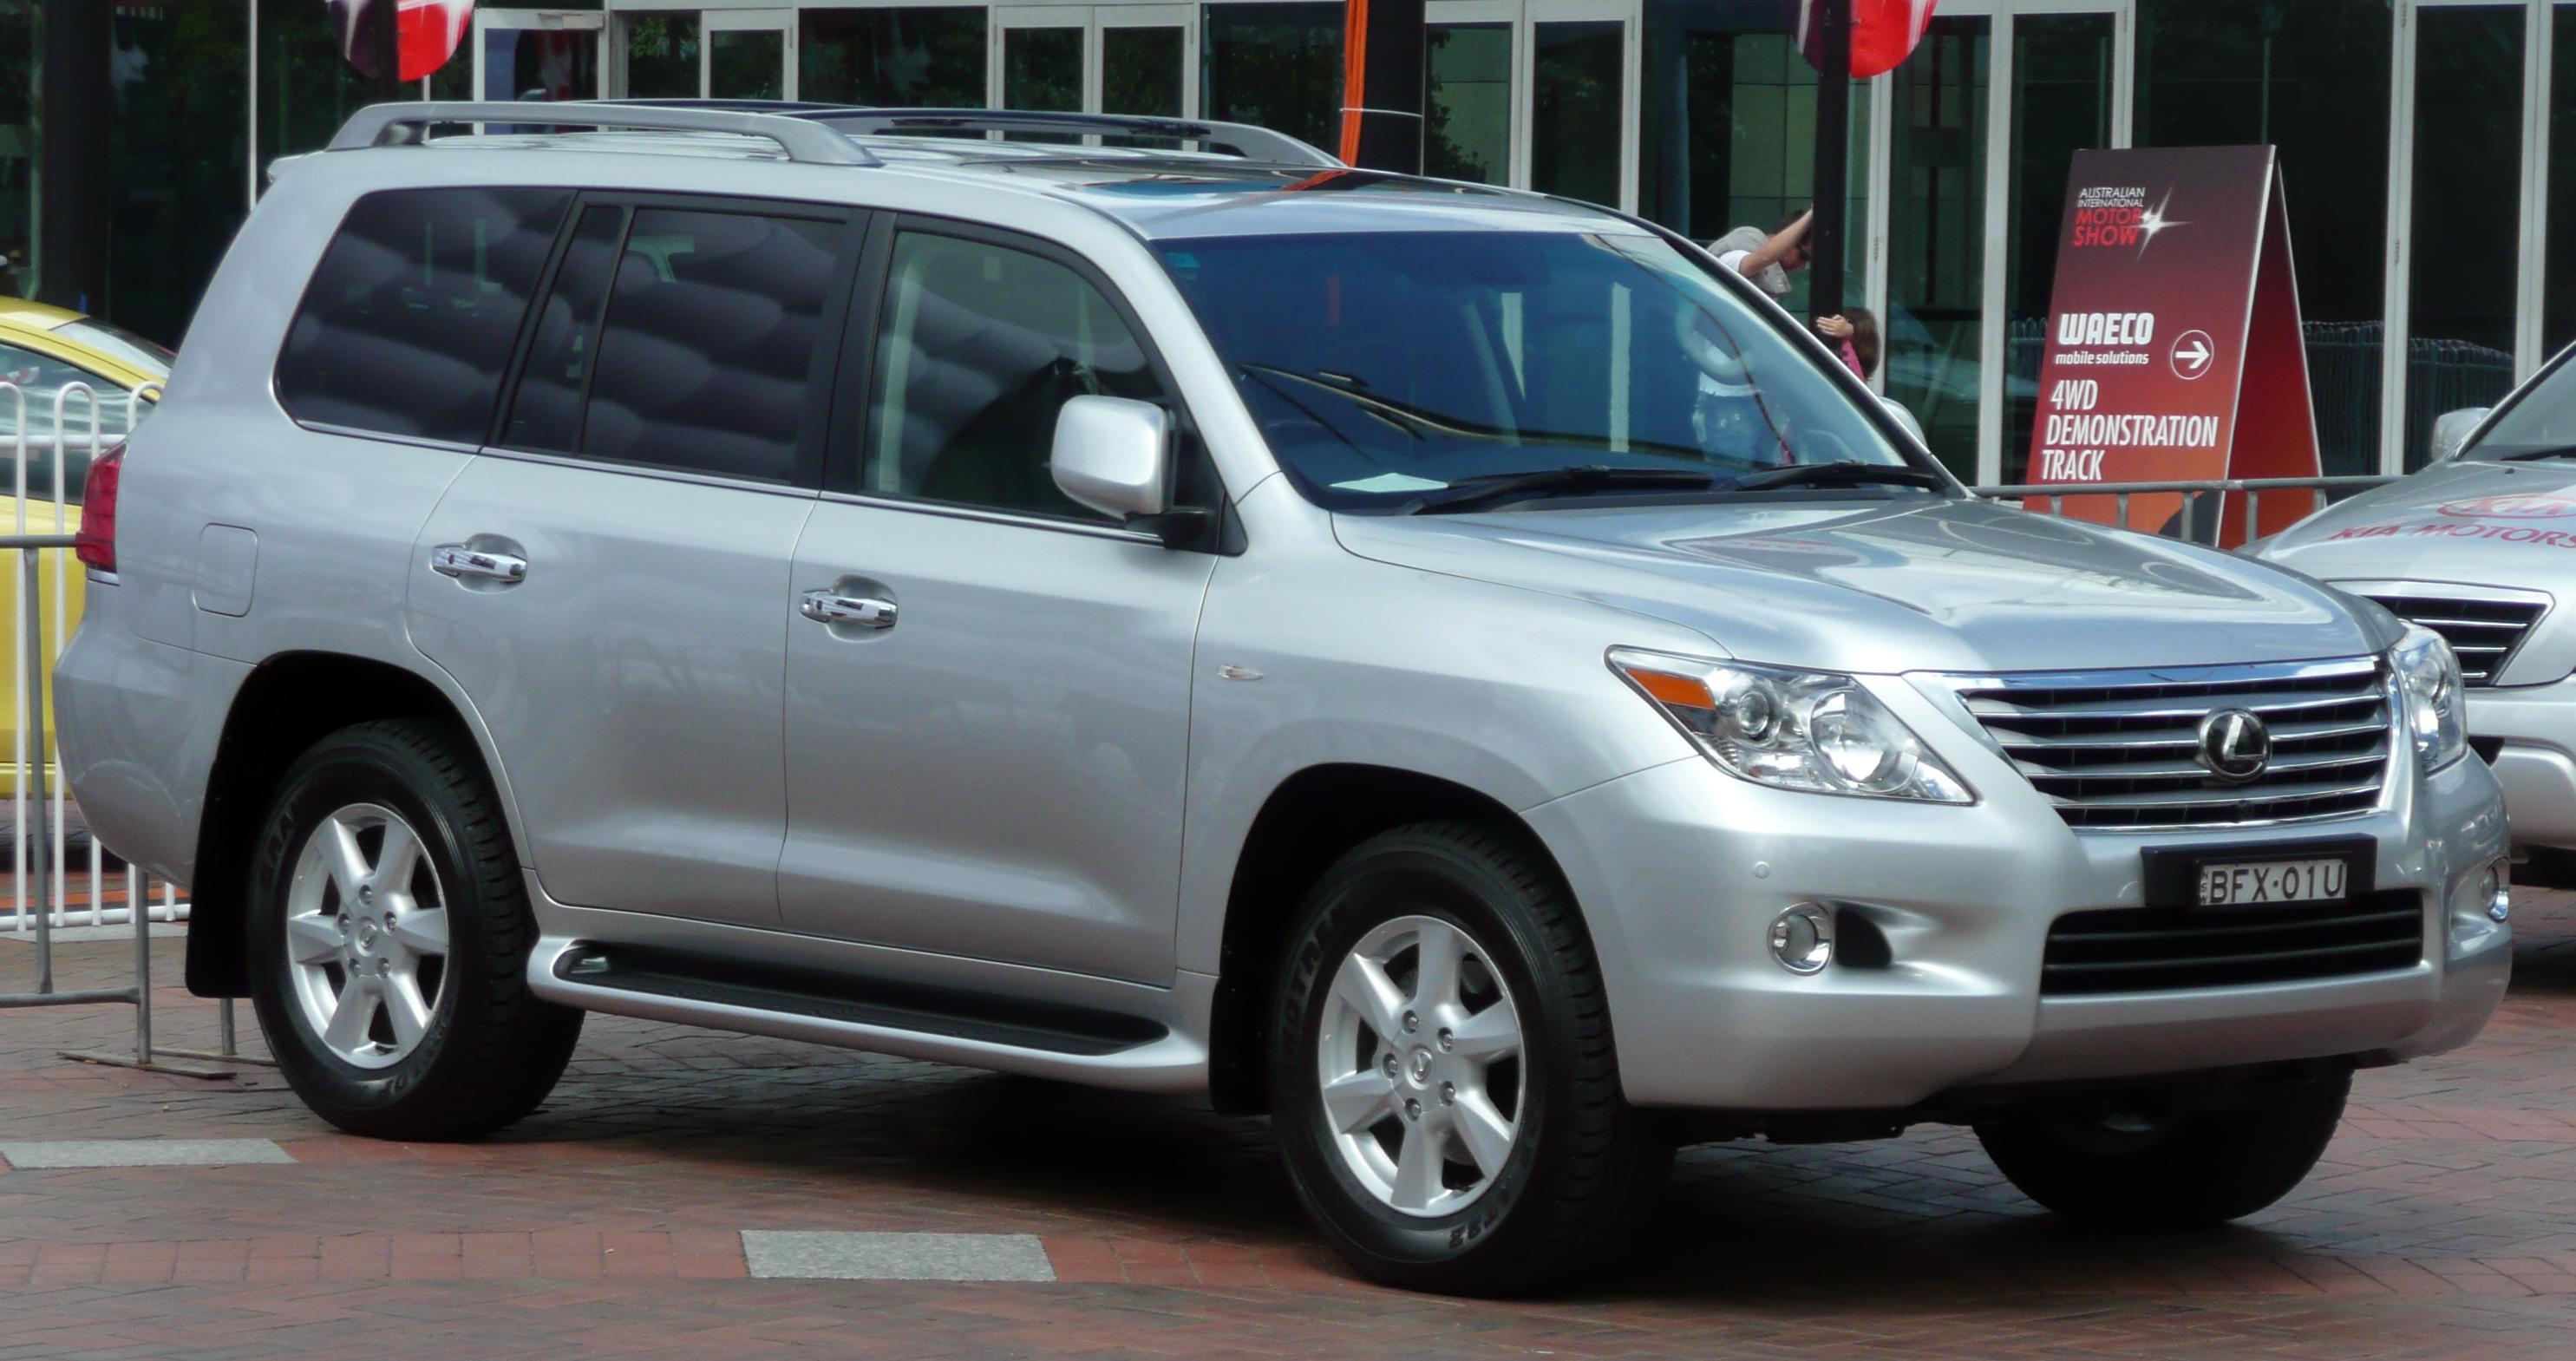 2008 Lexus Lx 570 Image 7